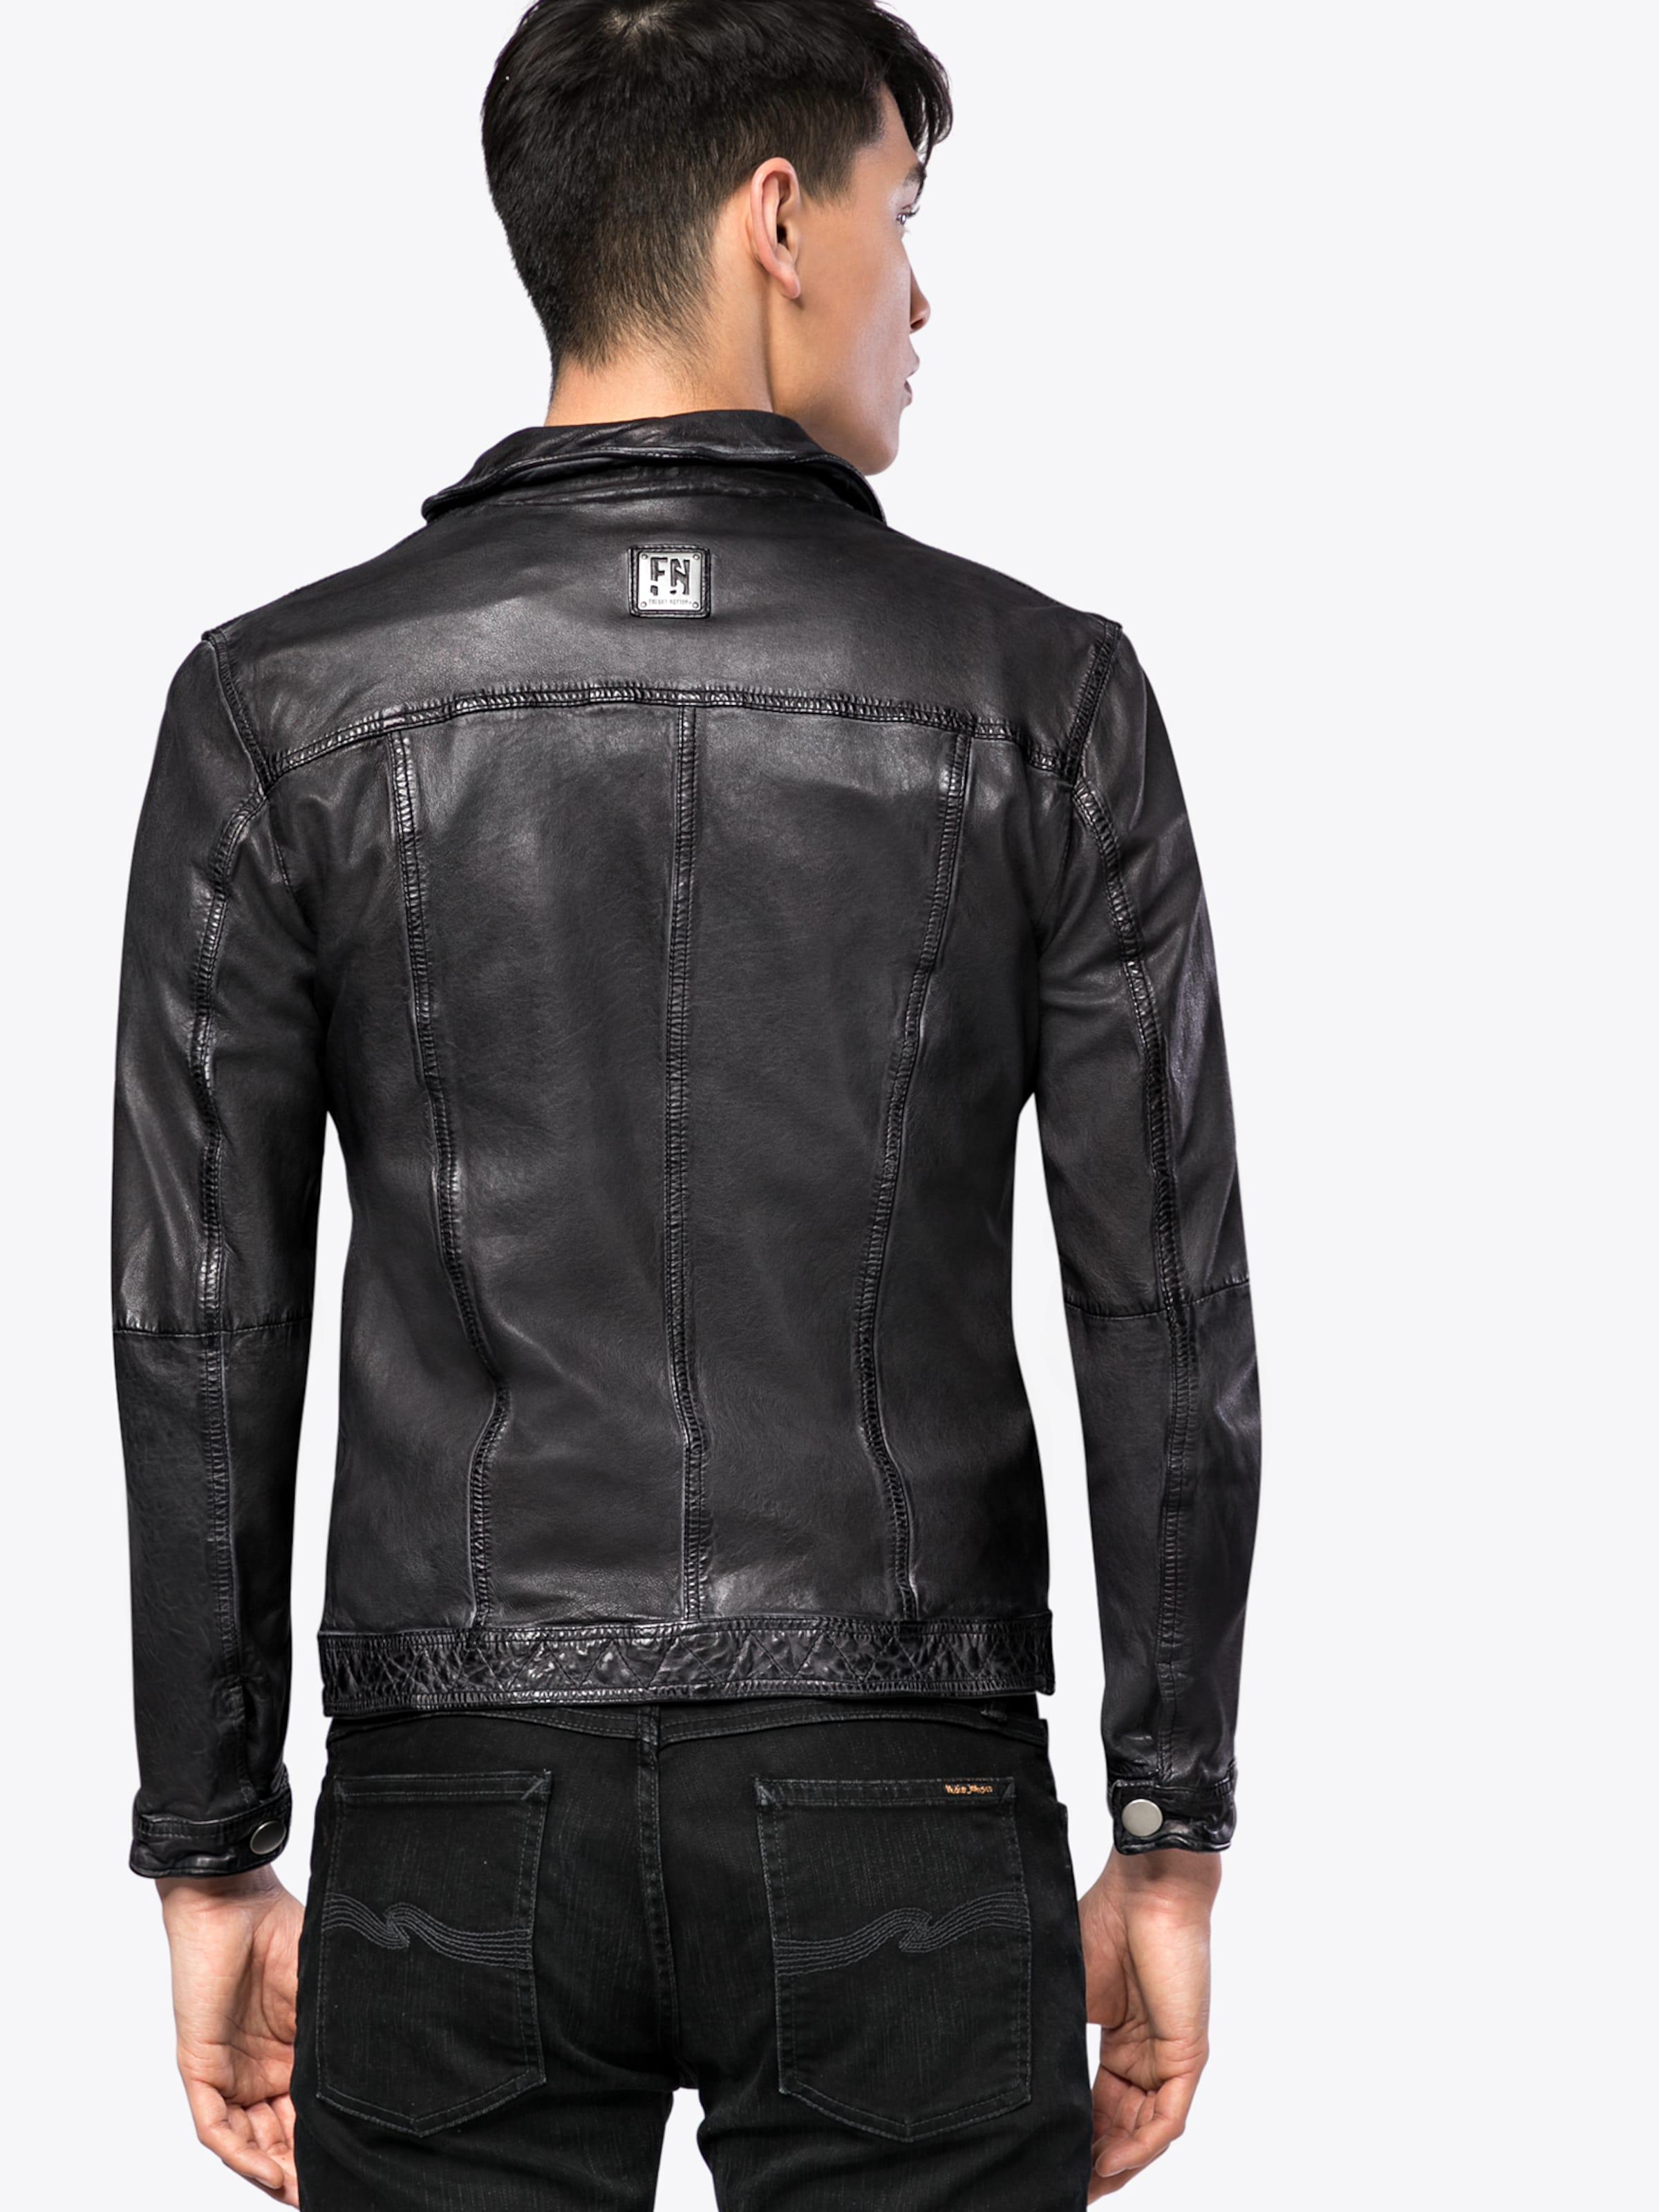 Angebote Online-Verkauf Zu Verkaufen Authentische Online Kaufen FREAKY NATION Jacke 'Desert Night' 100% Garantiert Billig Neueste Gute Qualität 5bXffe0